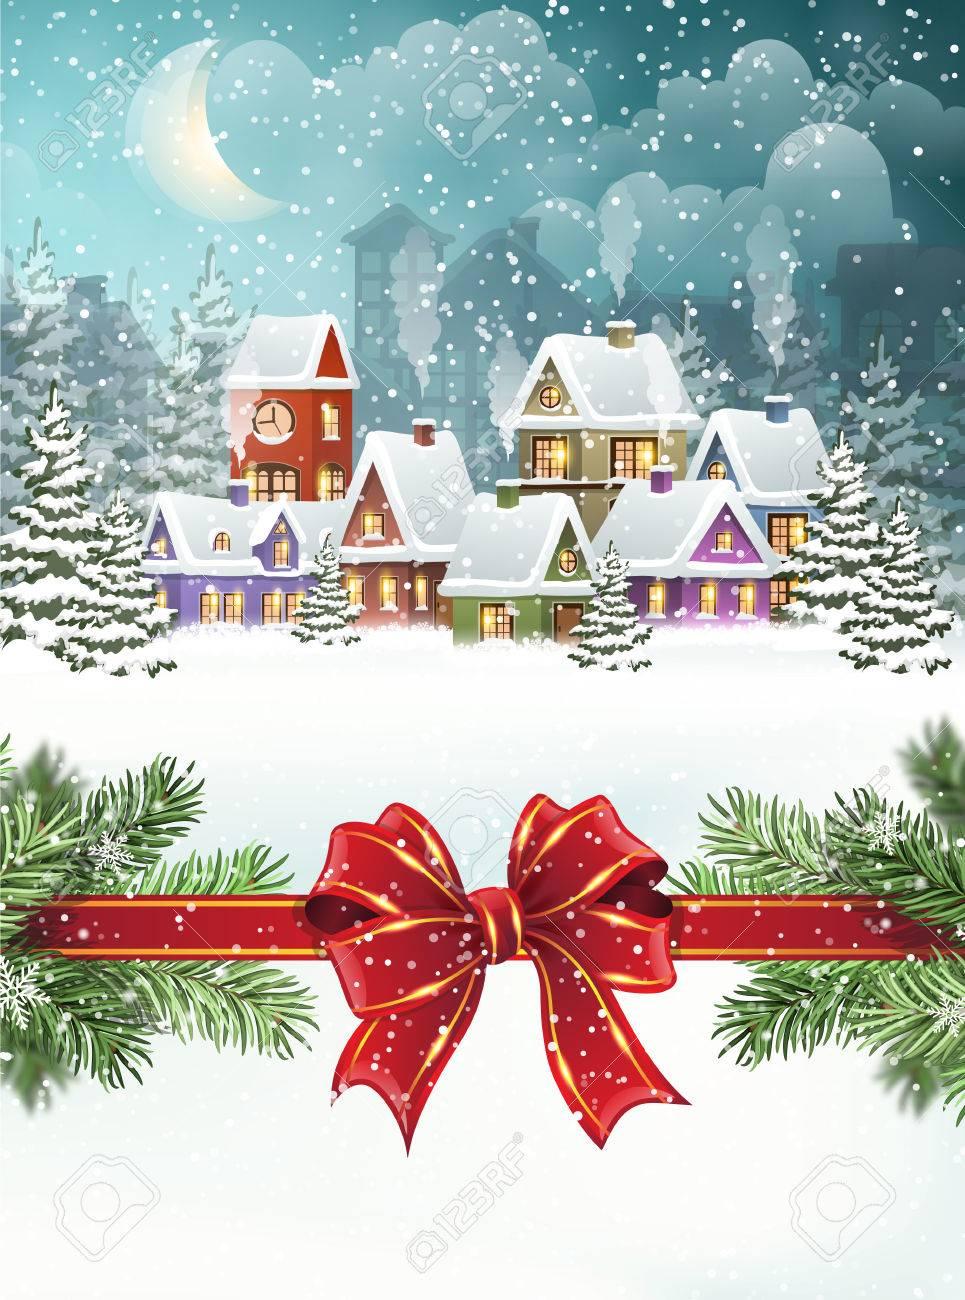 Immagini Di Natale Con La Neve.Paesaggio Invernale Citta Di Sera Coperto Con Neve Case E Rami Degli Alberi Di Natale Con L Arco